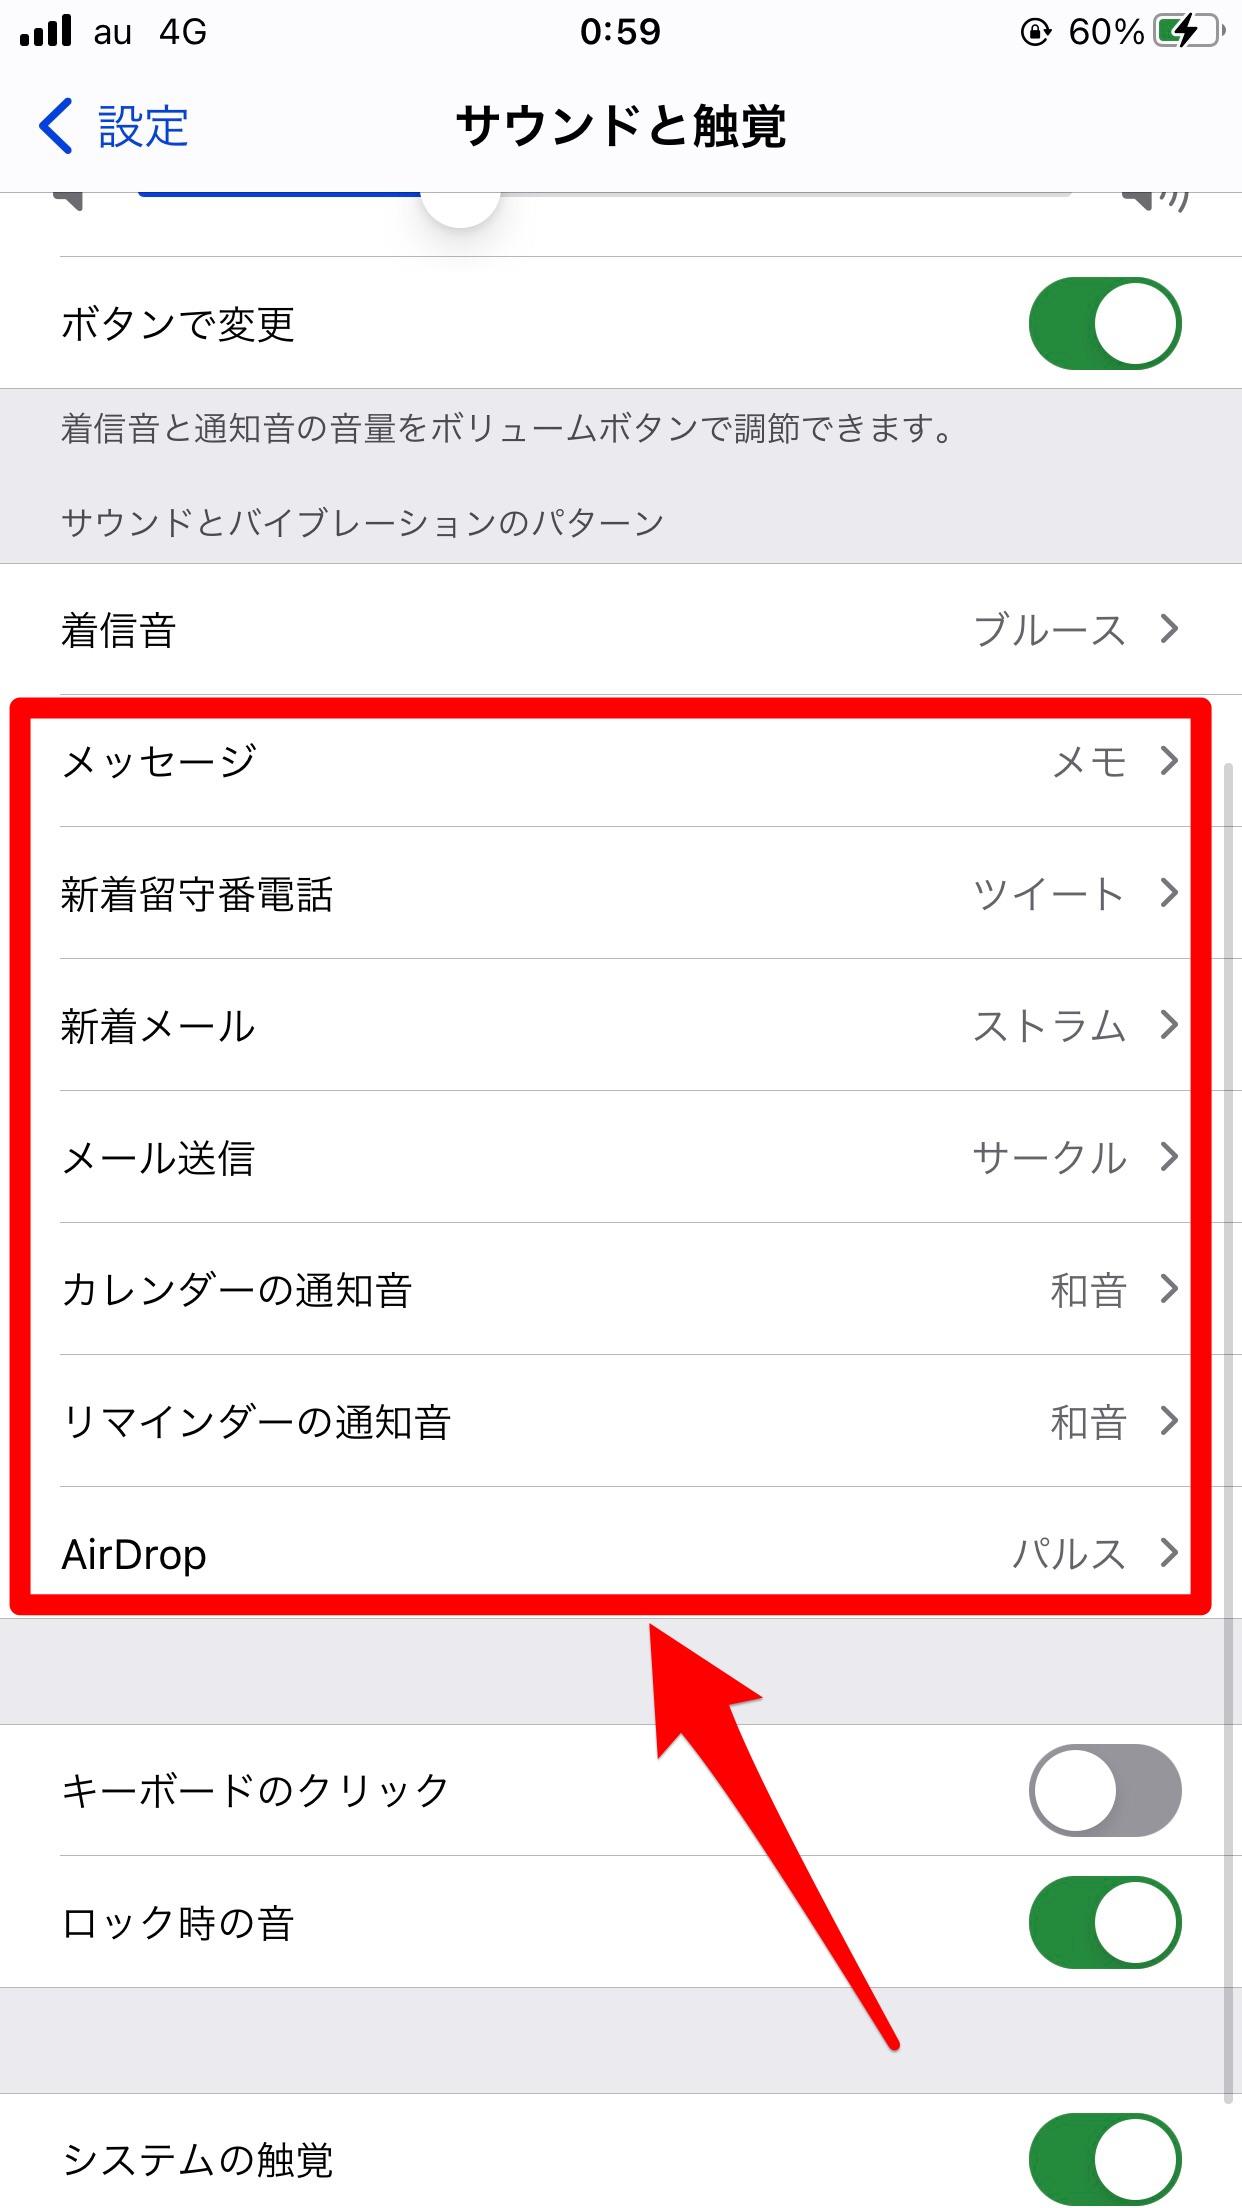 デフォルトアプリの通知音の変更手順